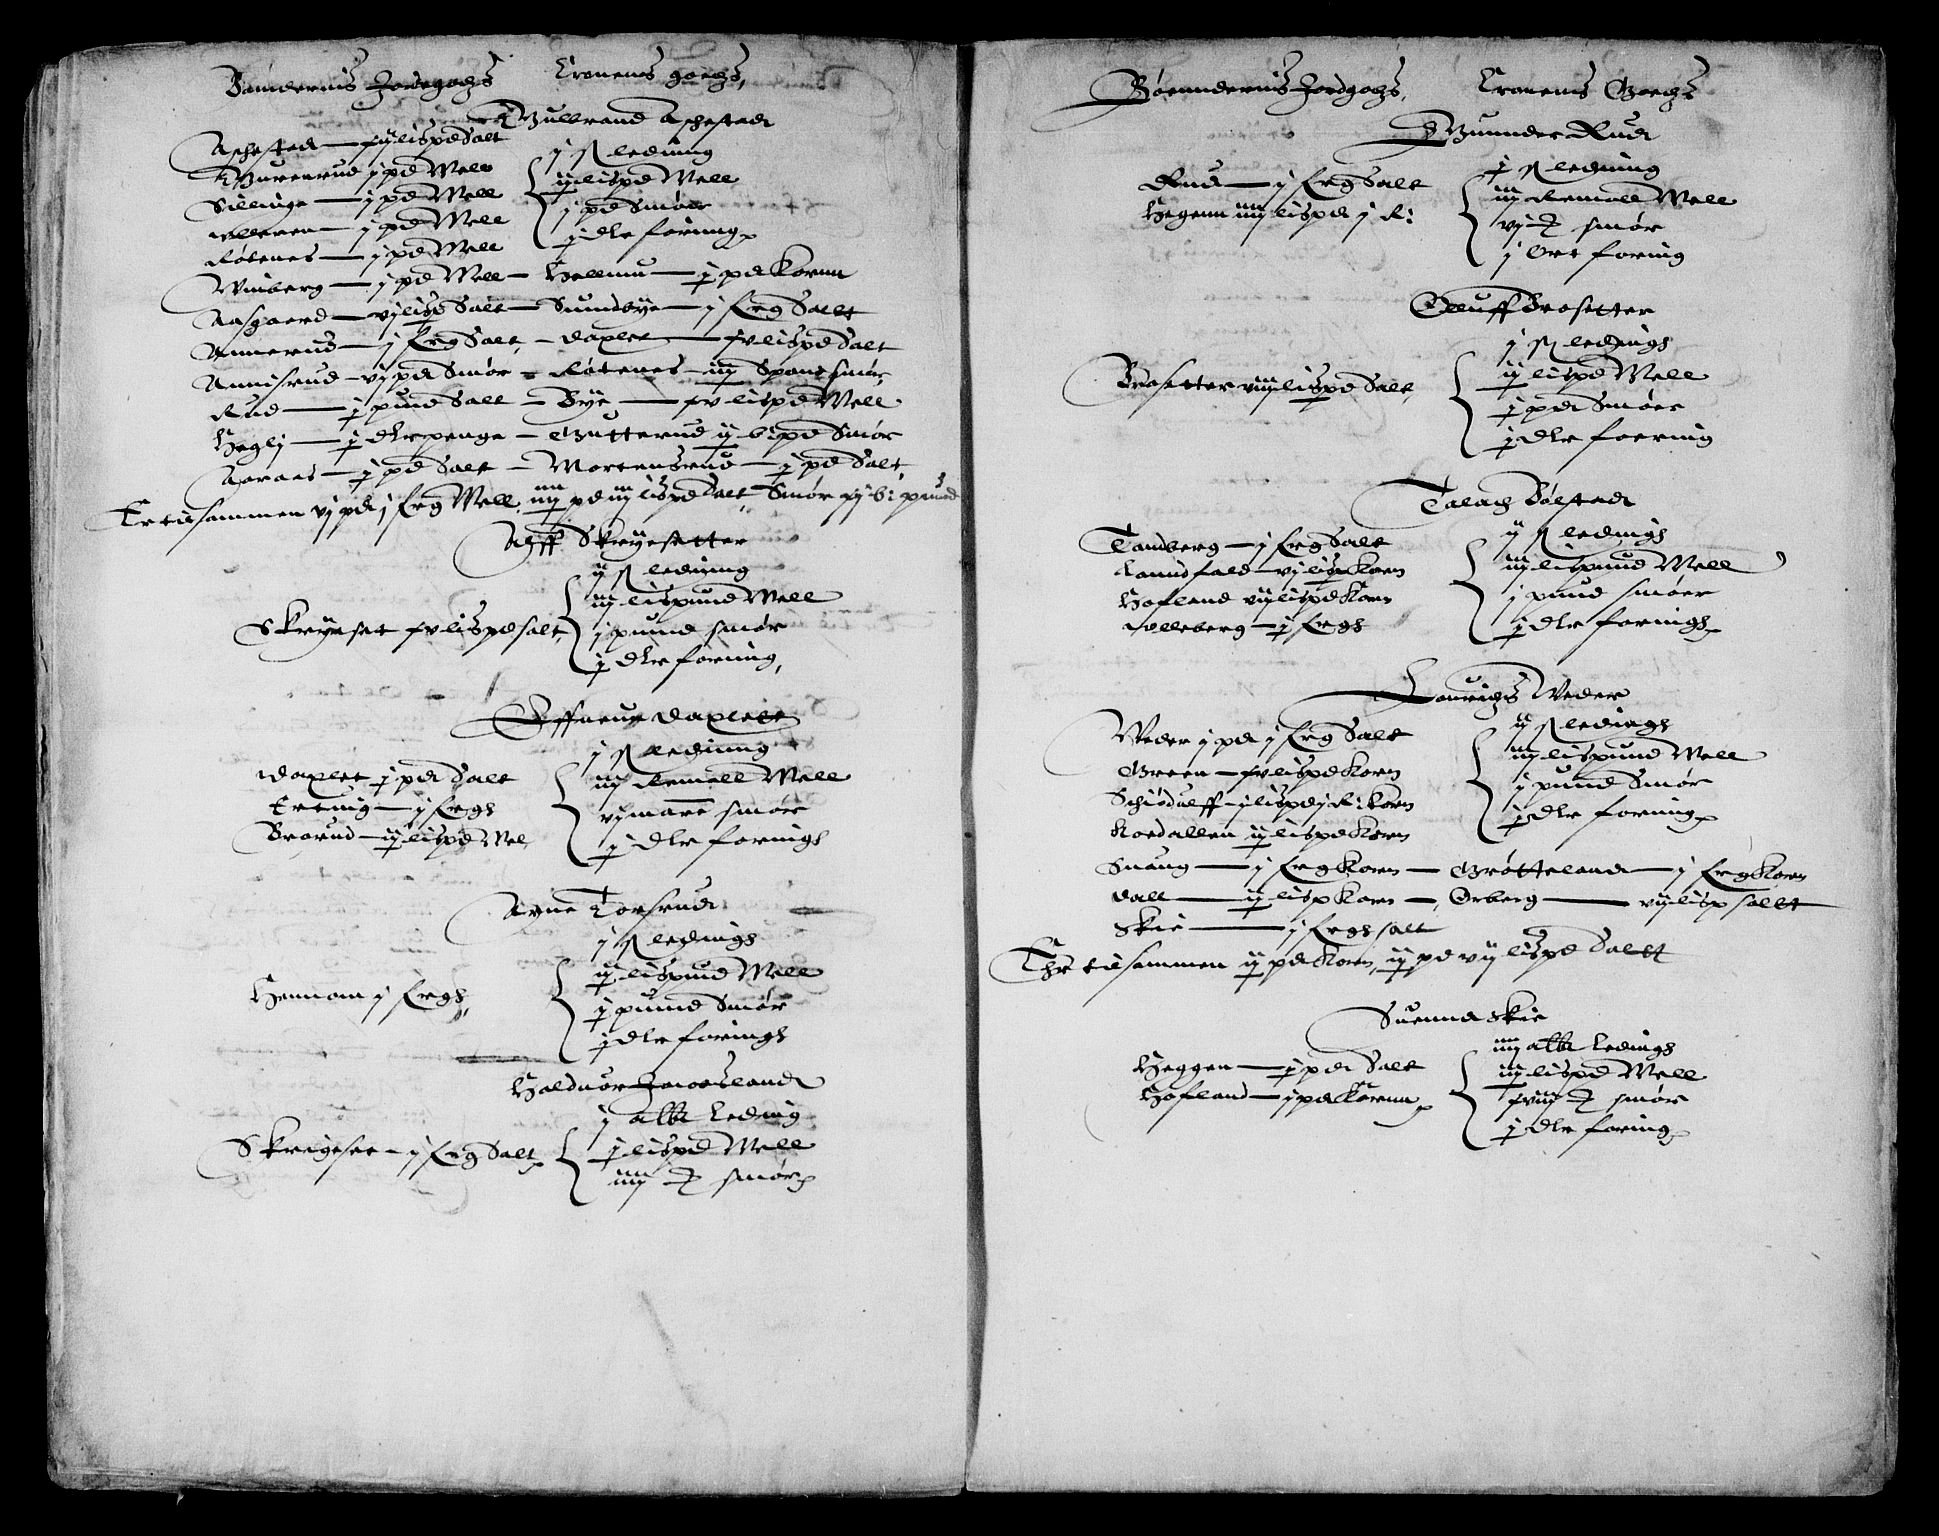 RA, Danske Kanselli, Skapsaker, F/L0038: Skap 9, pakke 324-350, 1615-1721, s. 203